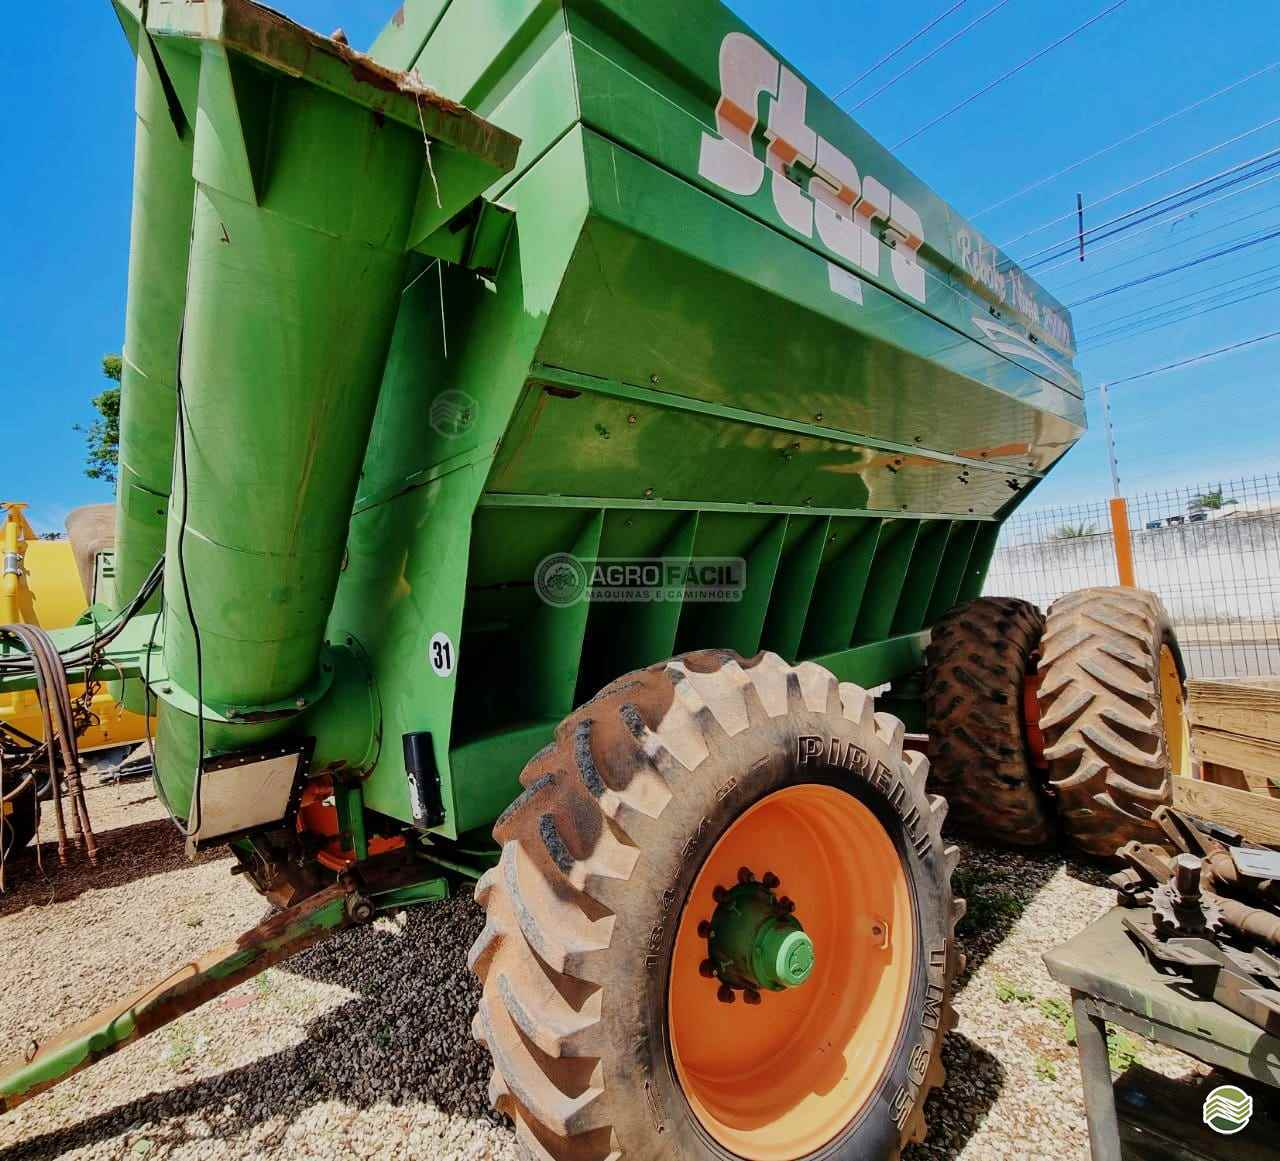 IMPLEMENTOS AGRICOLAS CARRETA BAZUKA GRANELEIRA 25000 Agro Fácil Máquinas PRIMAVERA DO LESTE MATO GROSSO MT